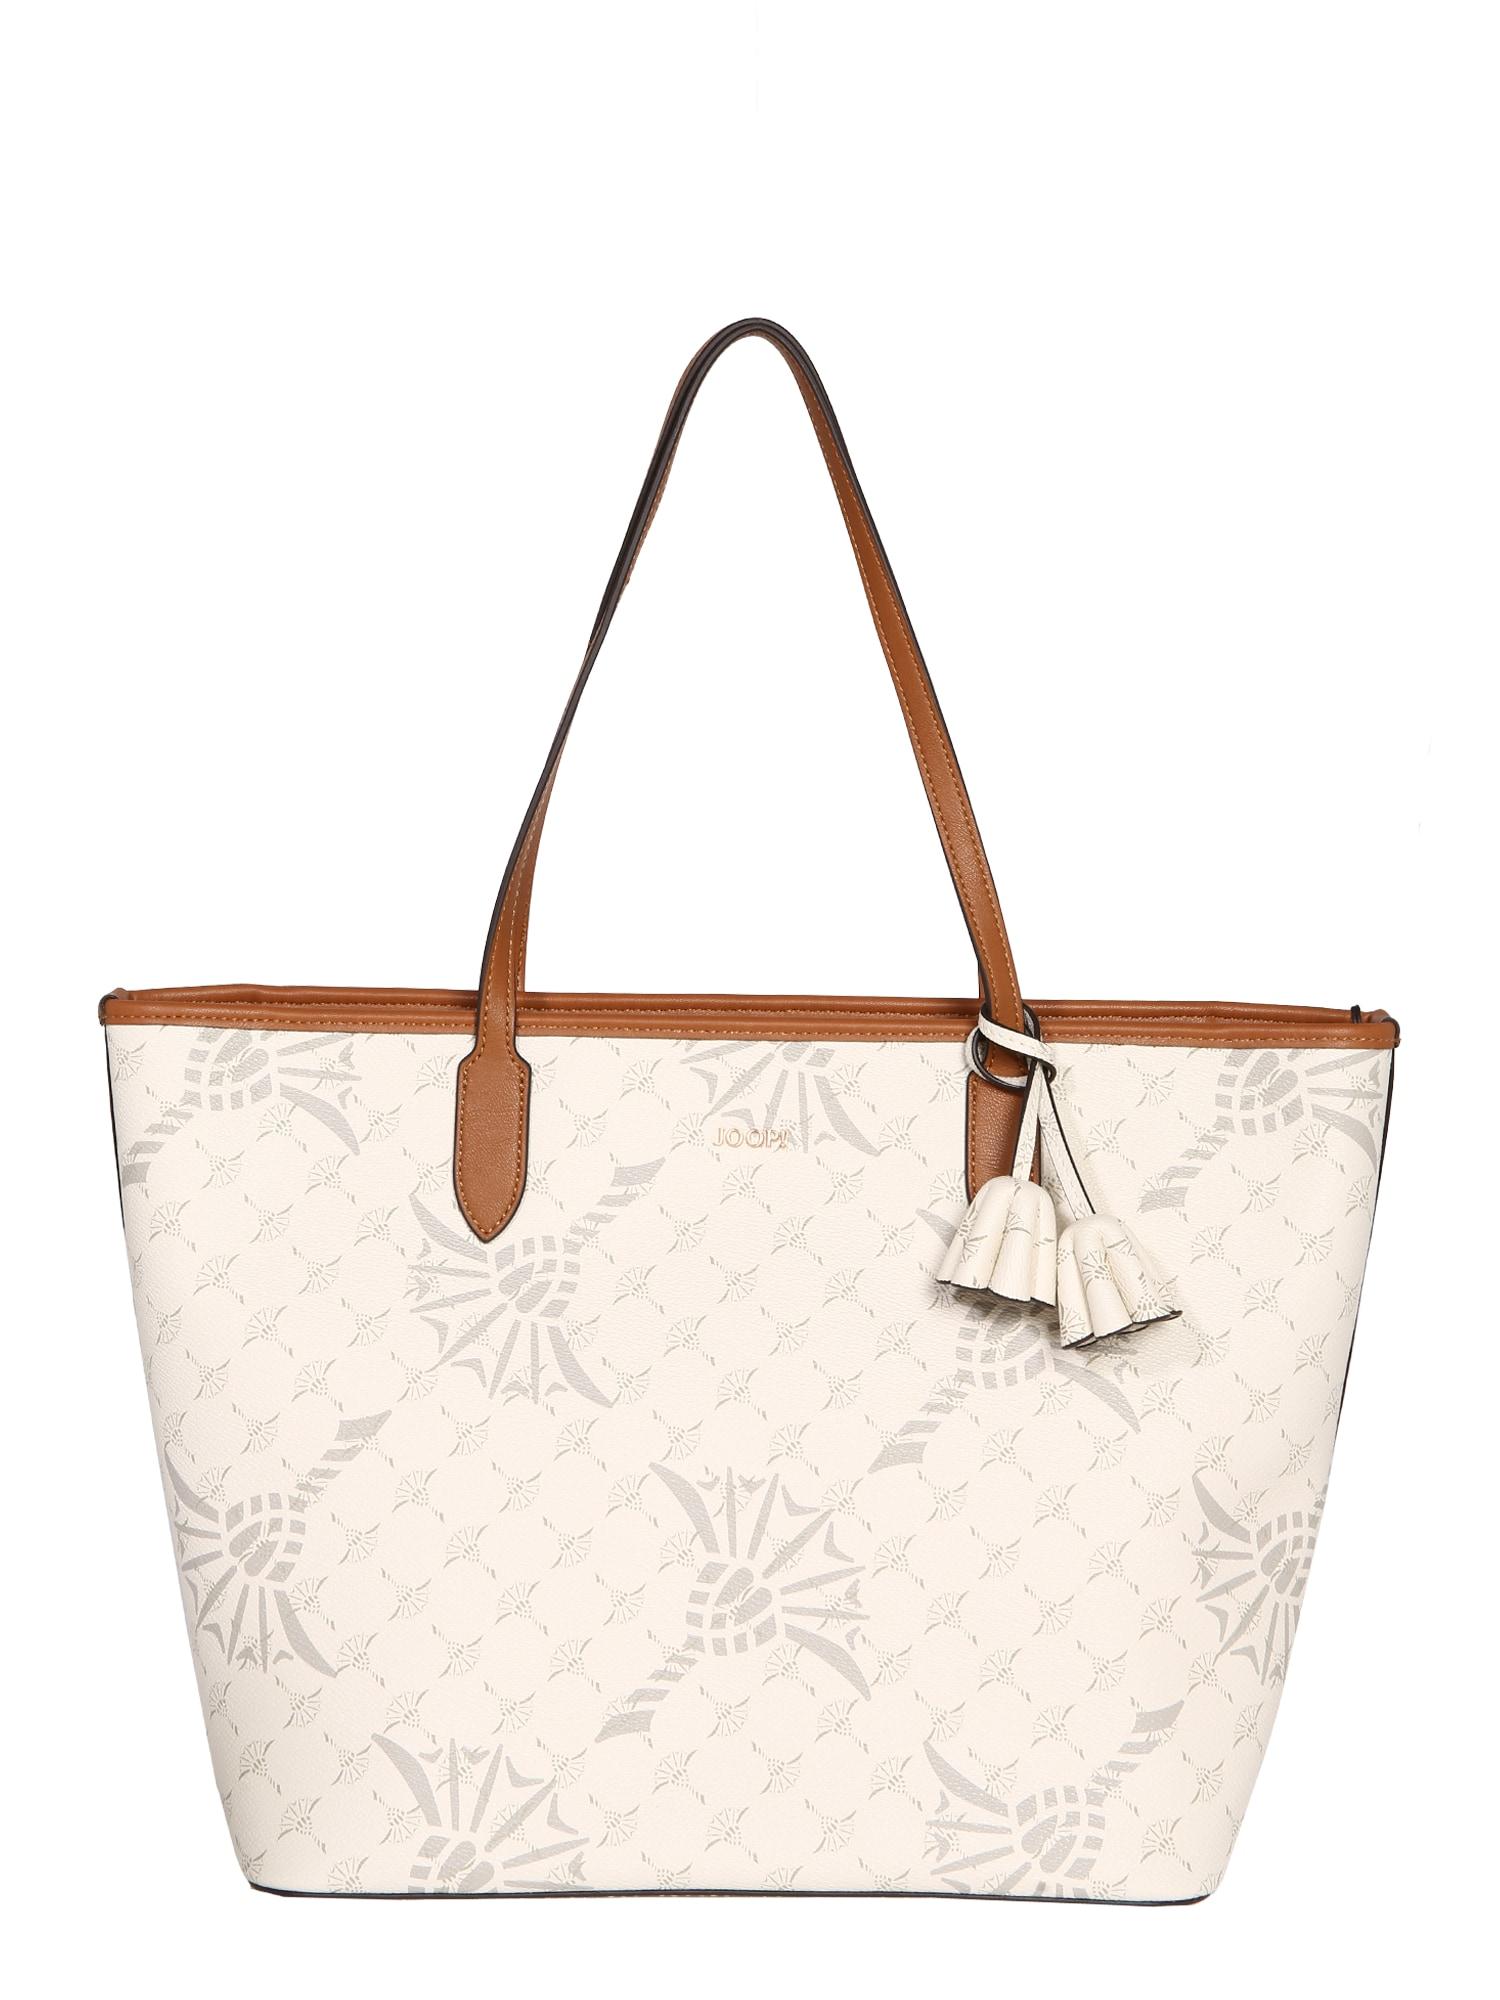 JOOP! Pirkinių krepšys karamelės / balta / pilka